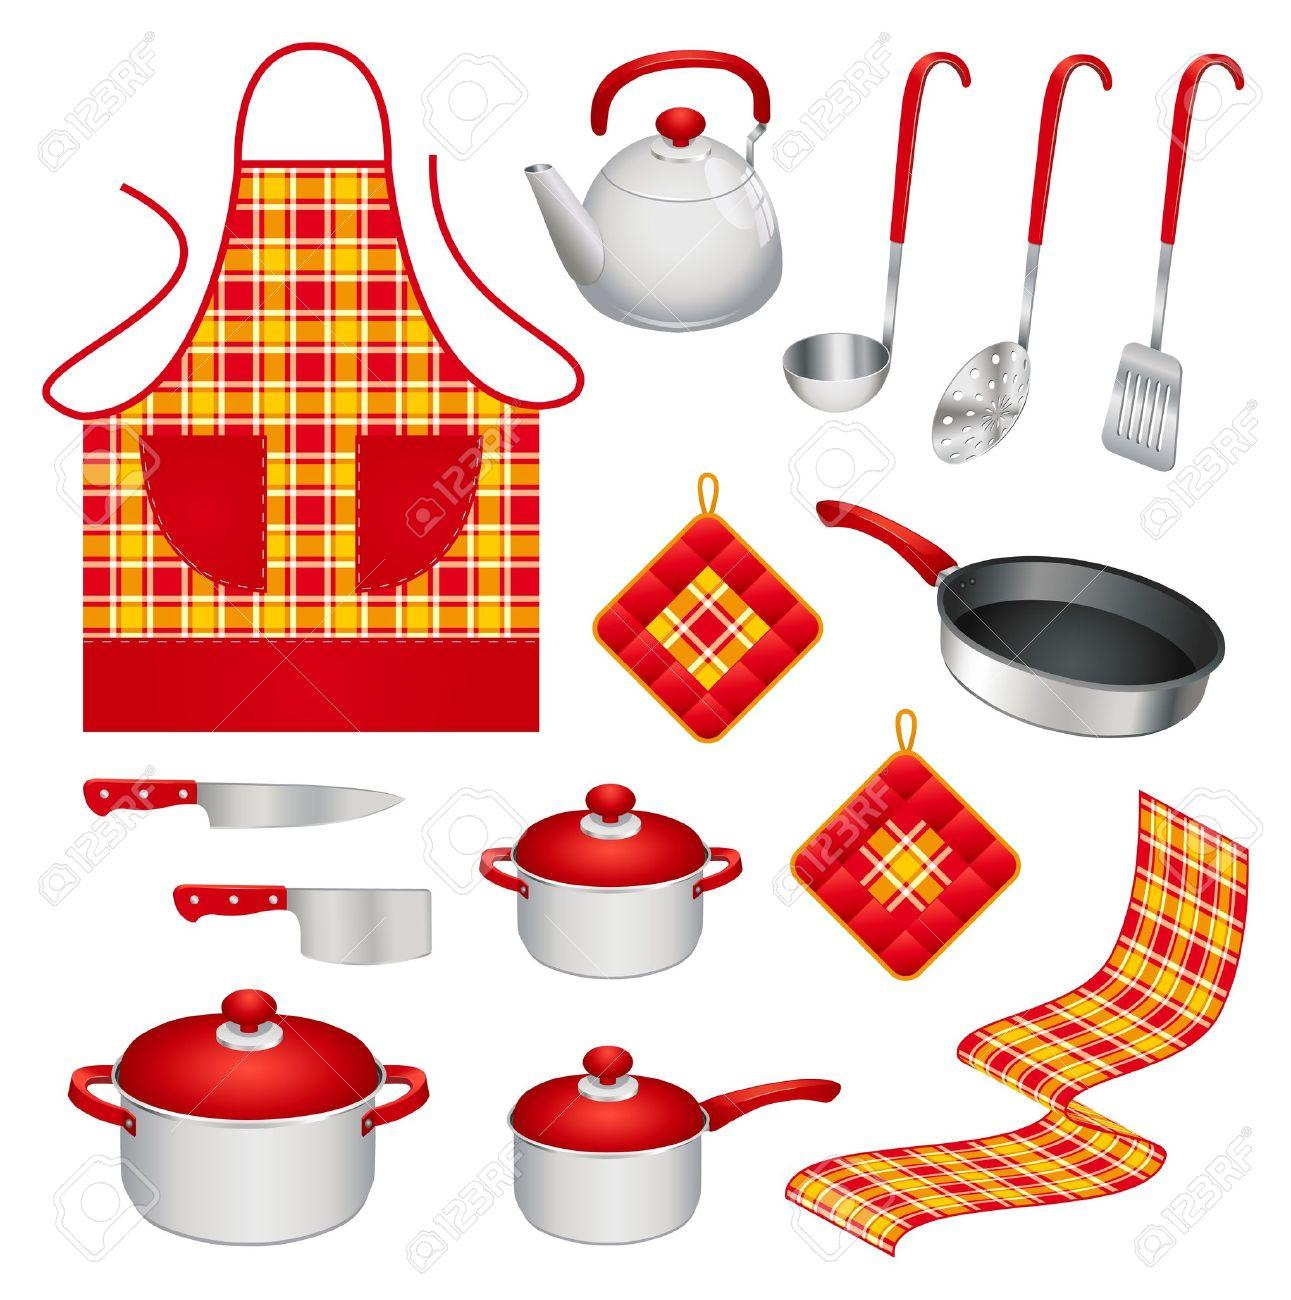 Gli Oggetti Per La Cucina: Accessori vino: un regalo originale e ...